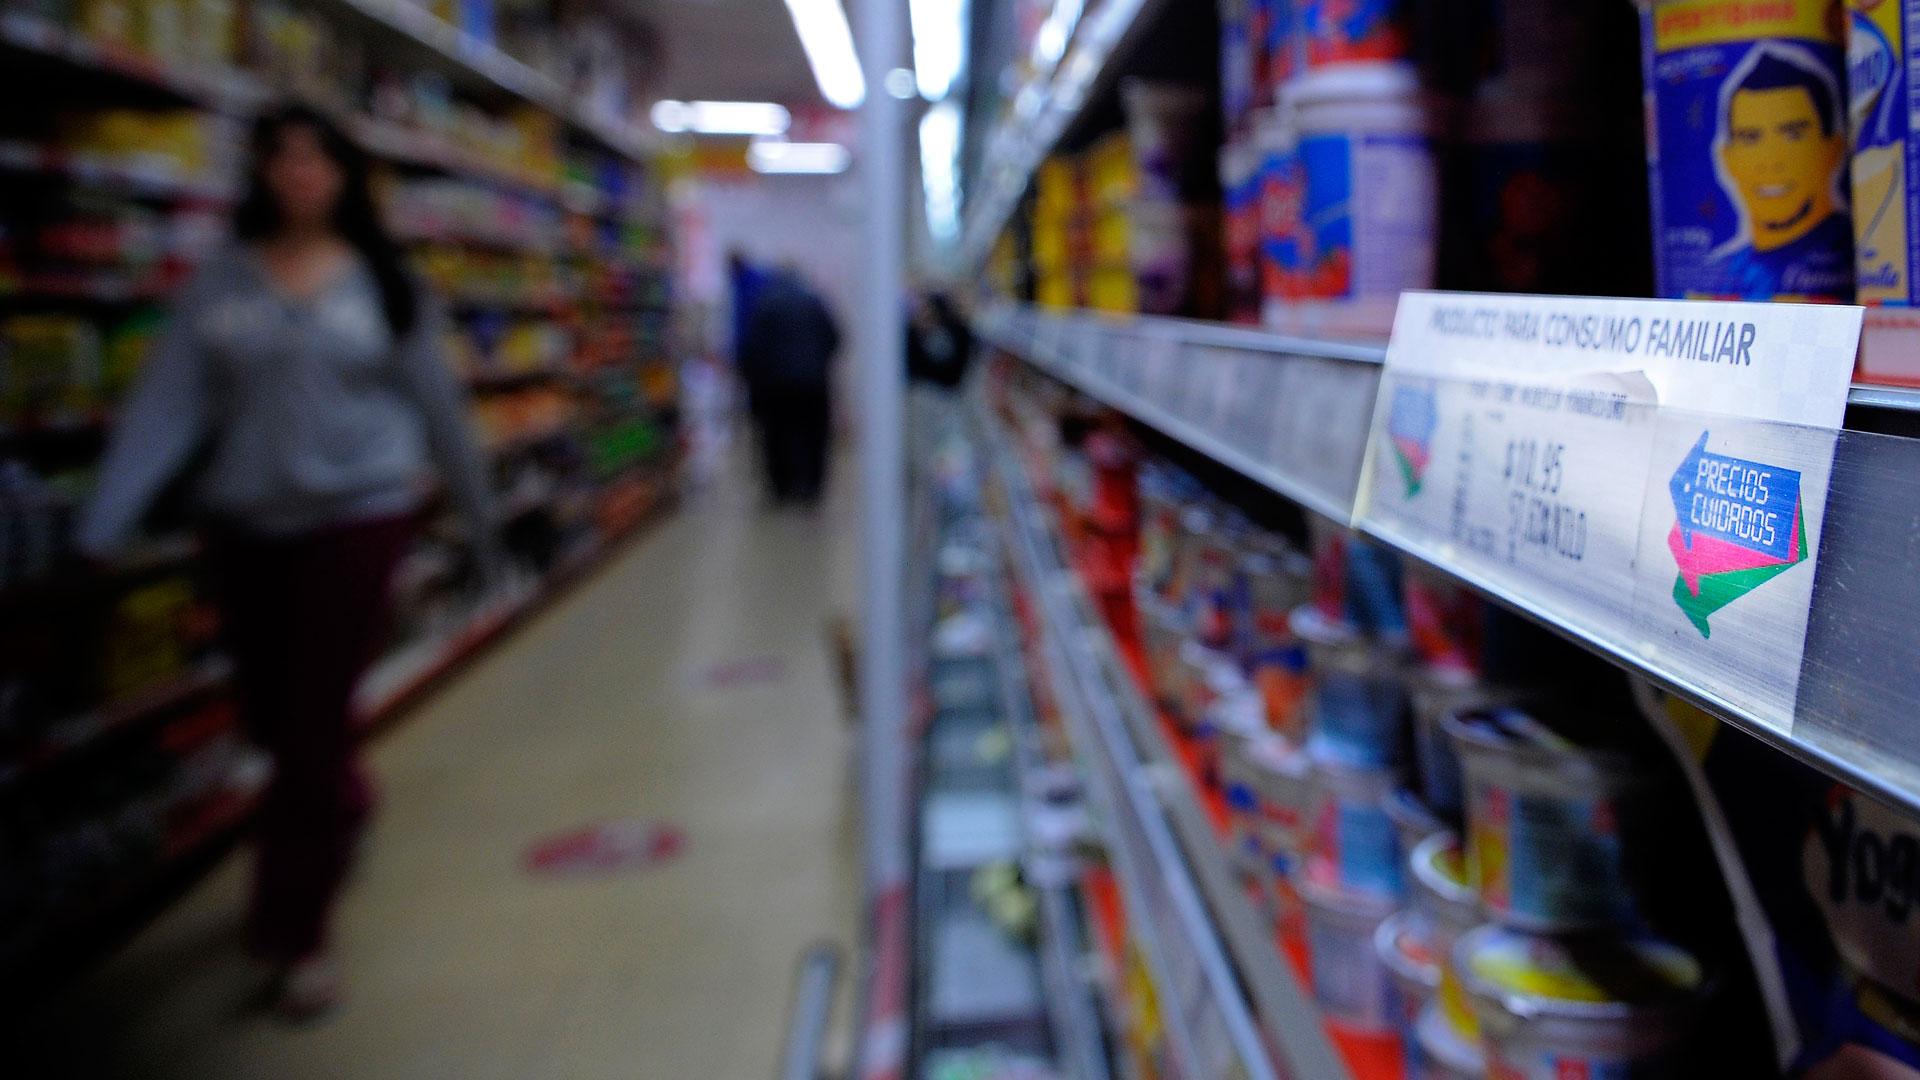 Los productos del acuerdo deben estar identificados con una etiqueta especial (Télam)